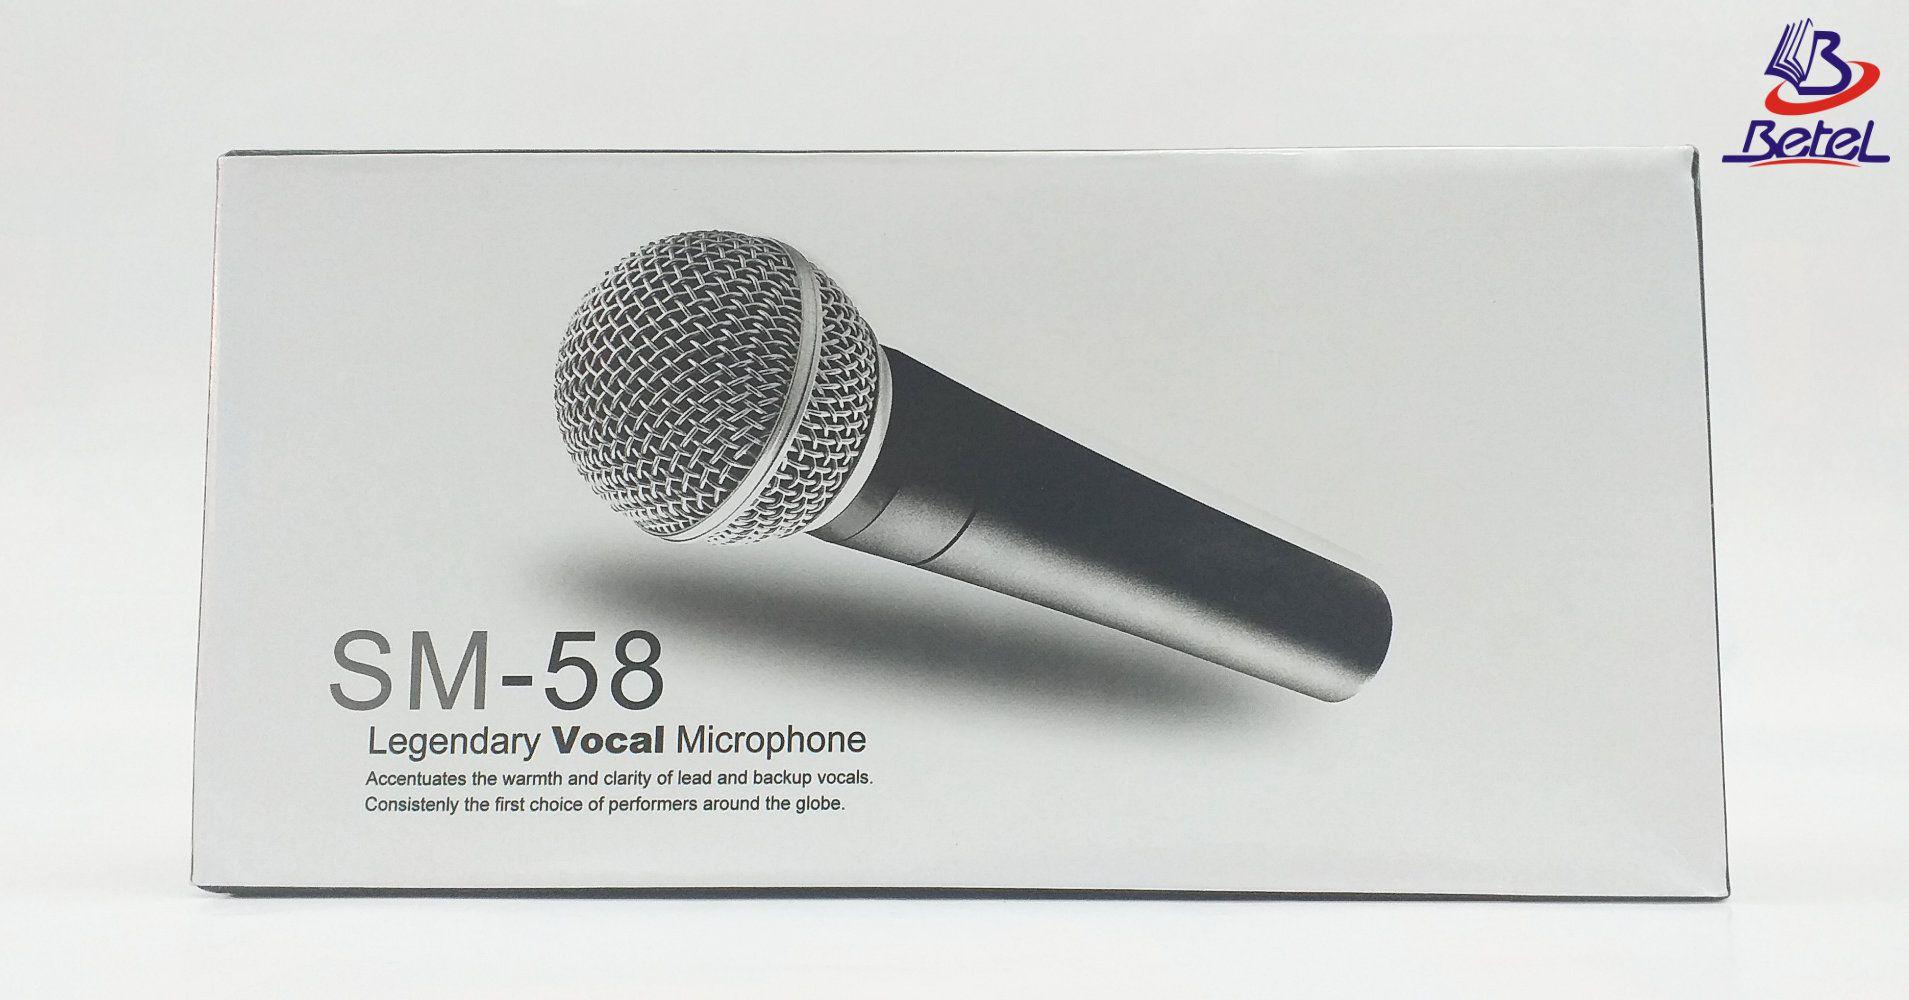 Microfone Profissional SM-58 com fio  - Livraria Betel